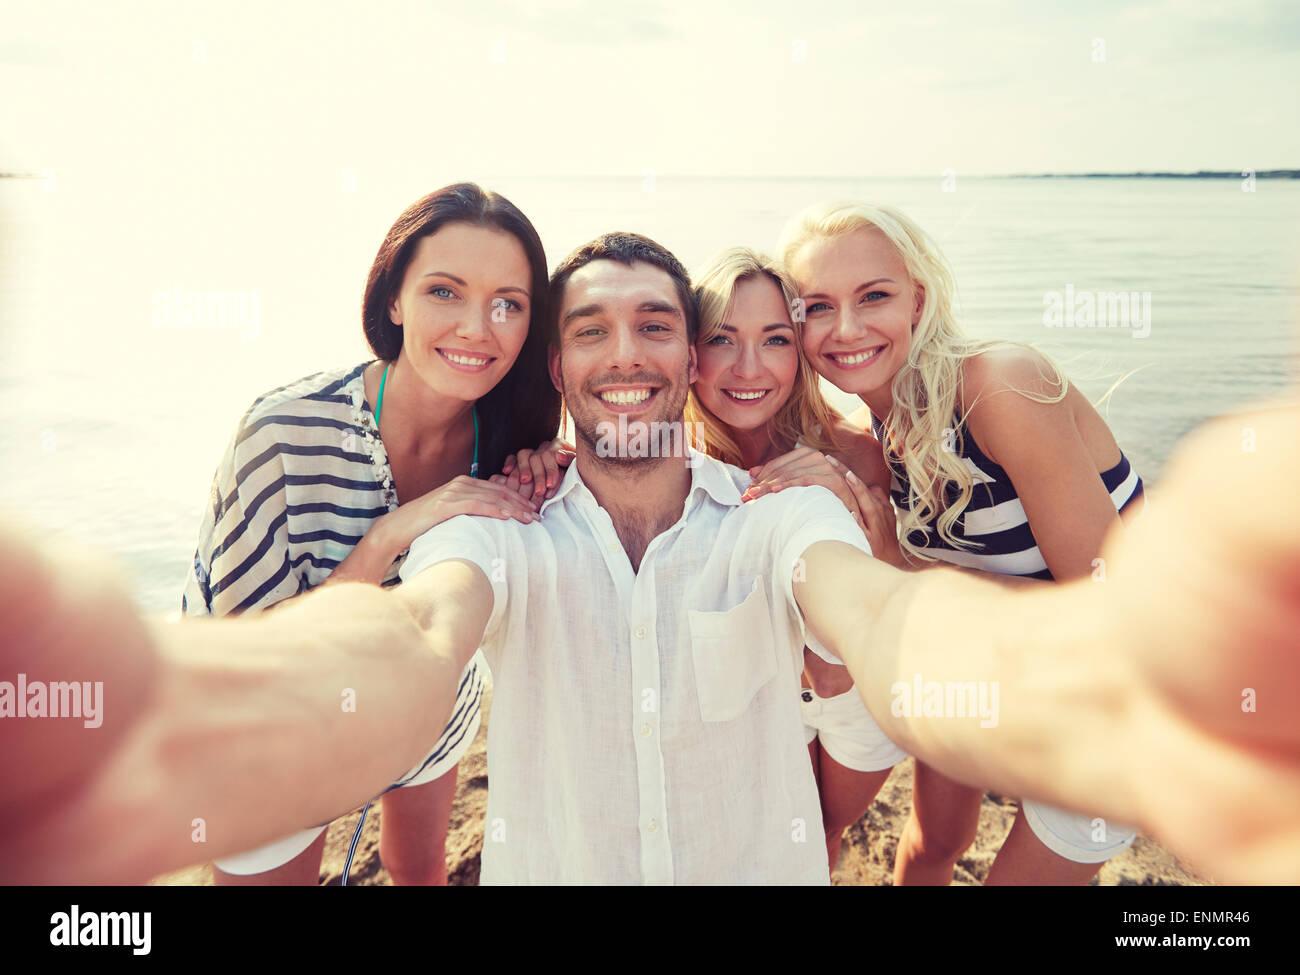 Glückliche Freunde am Strand und nehmen selfie Stockfoto